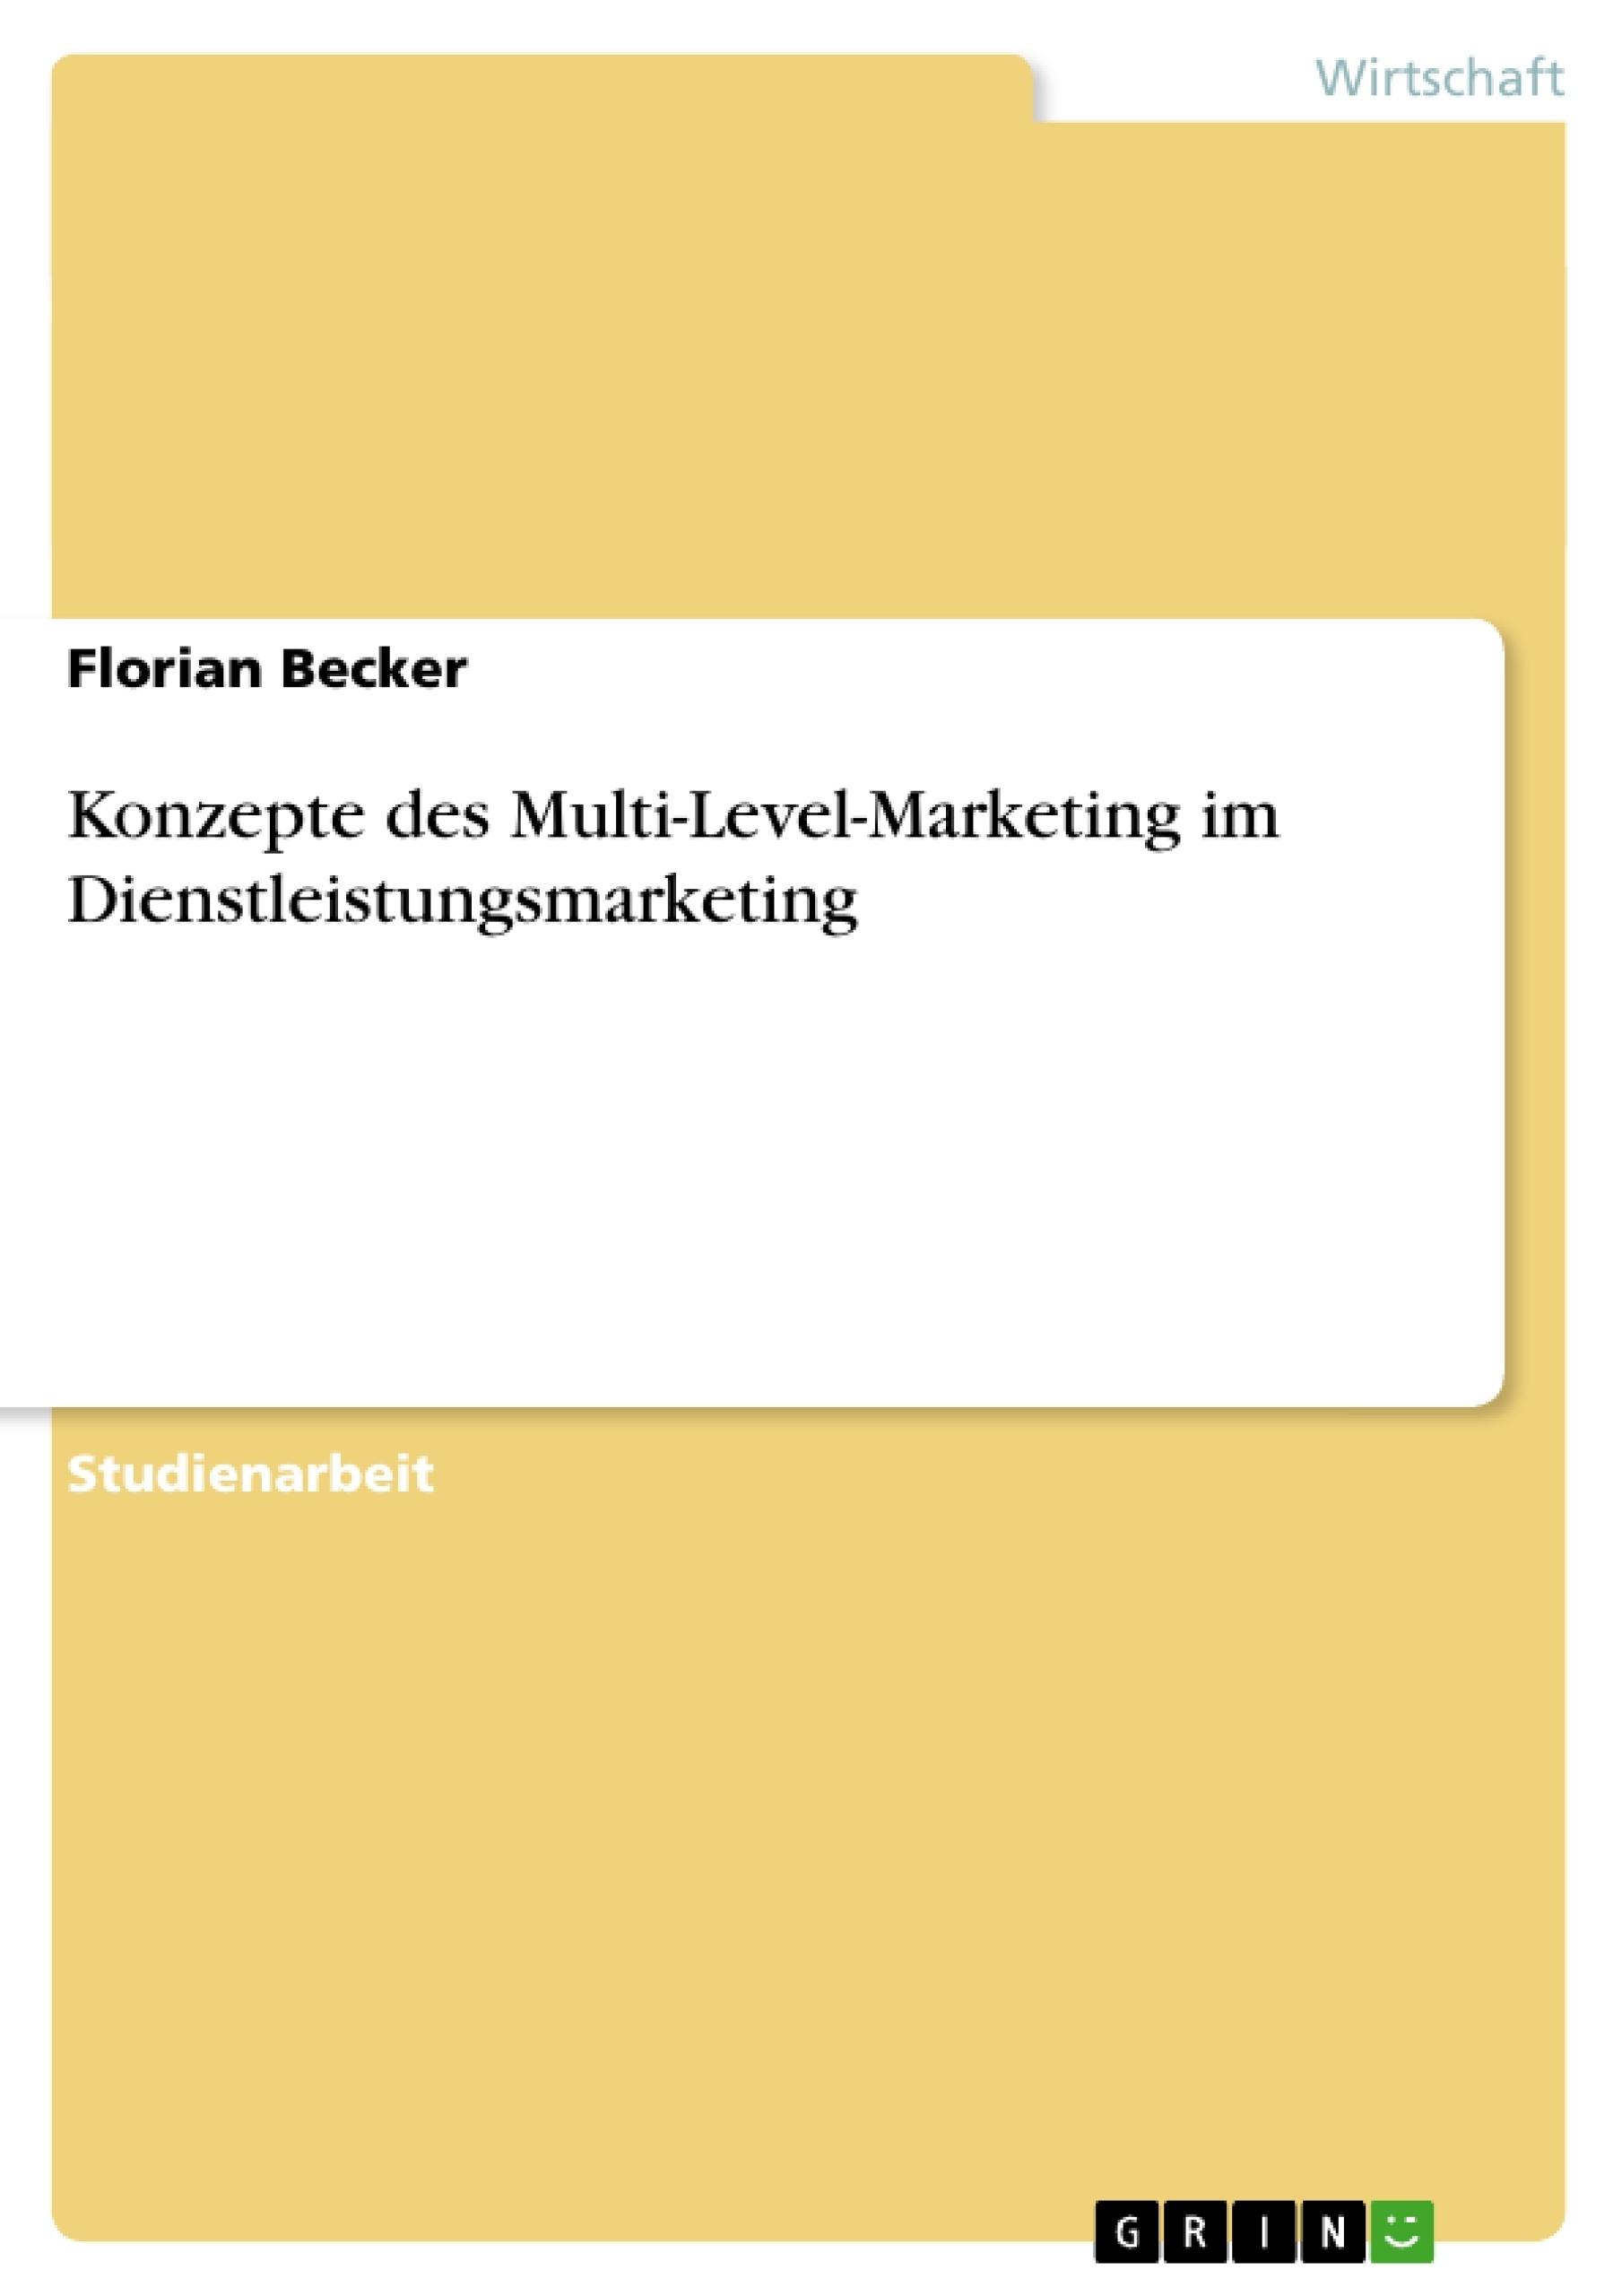 Titel: Konzepte des Multi-Level-Marketing im Dienstleistungsmarketing